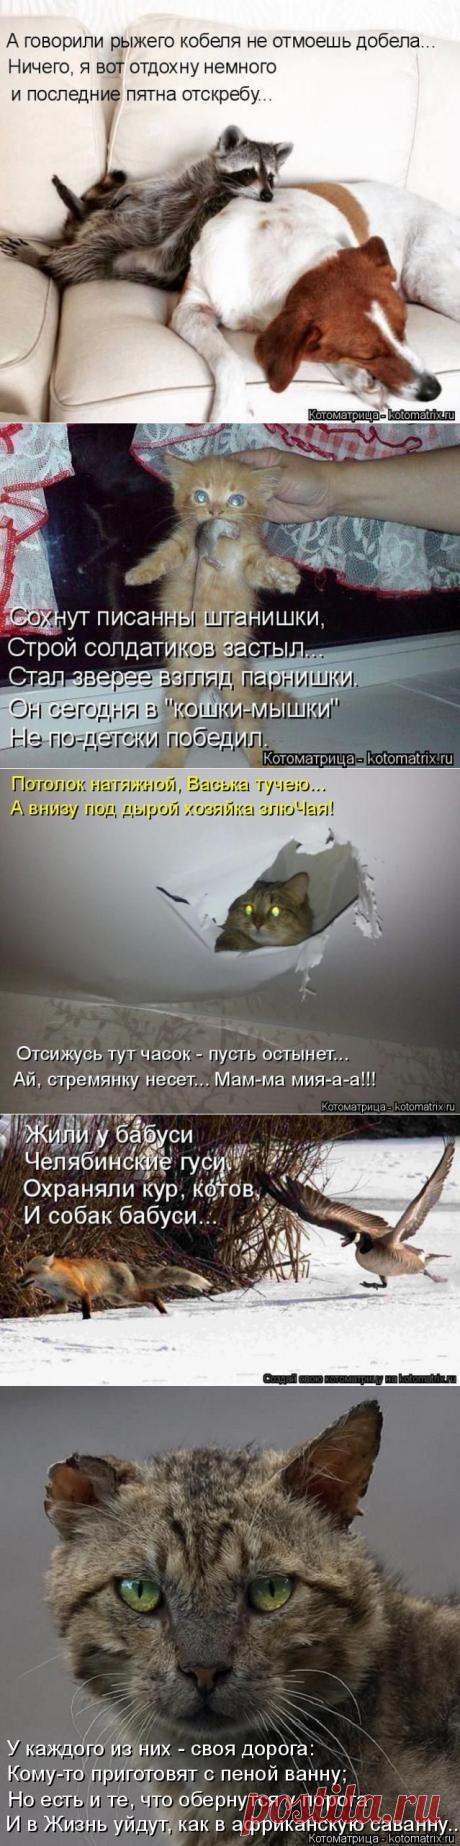 Лучшие котоматрицы прошедшей недели / Питомцы